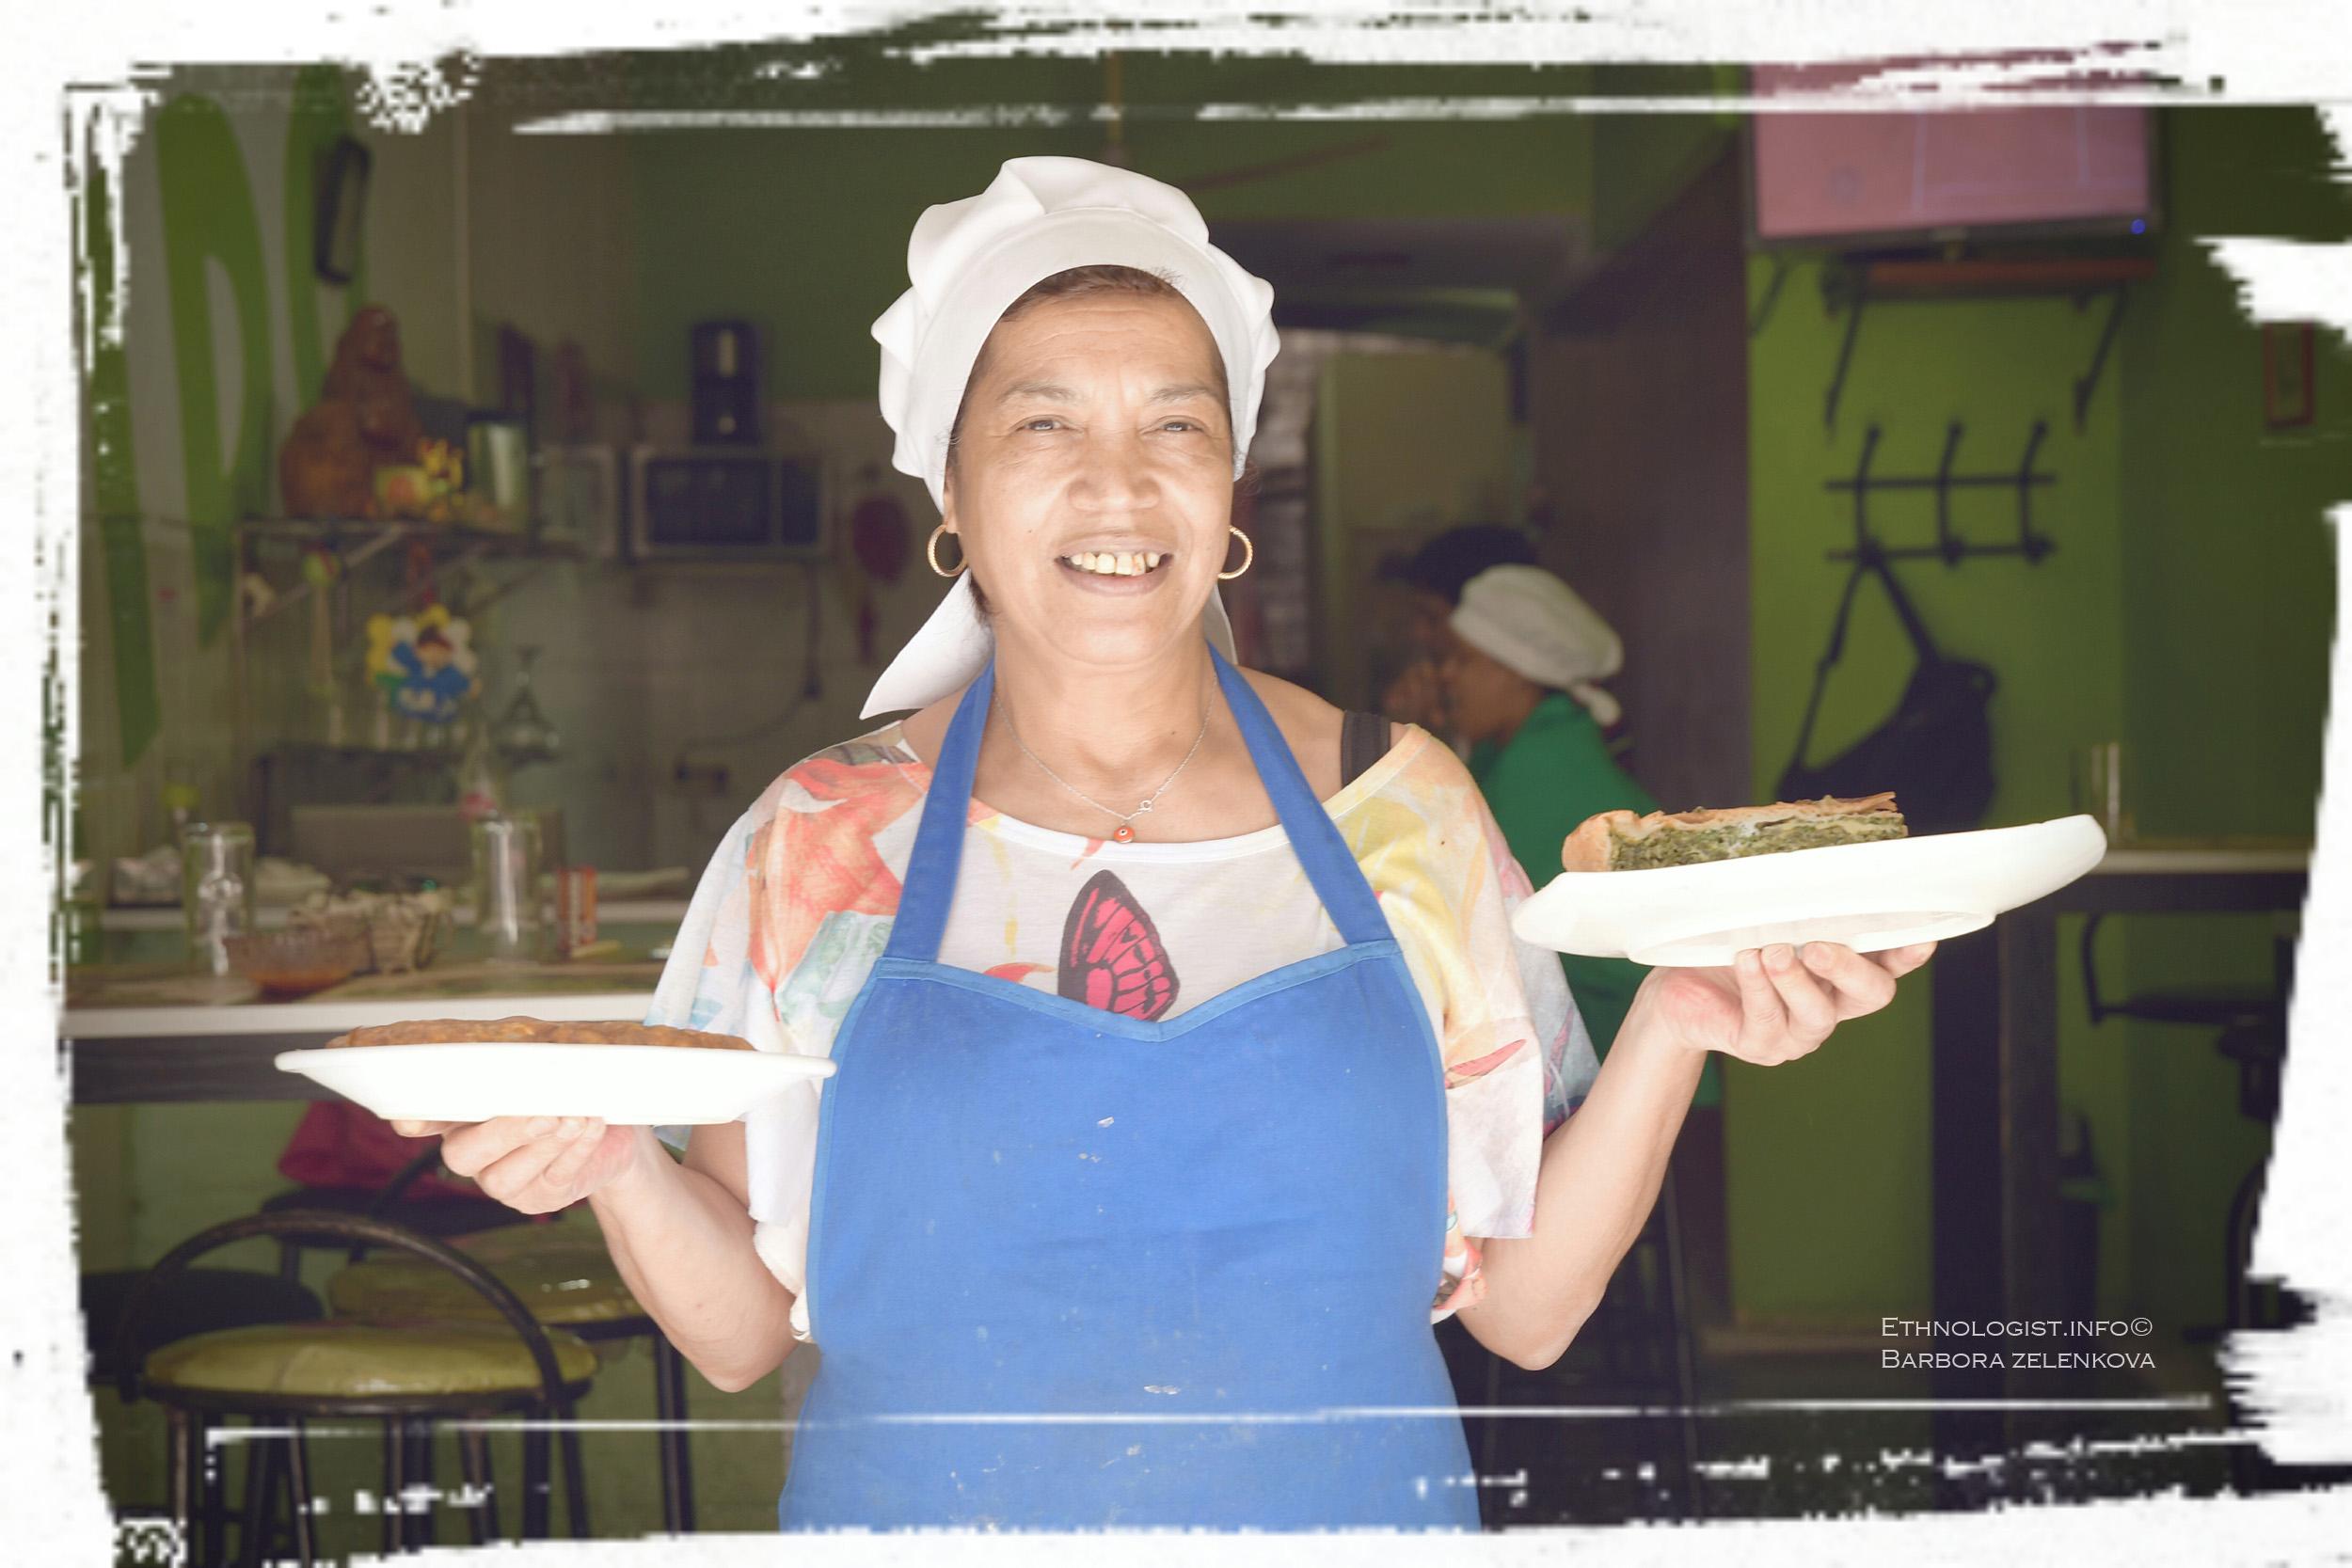 Rotisería Maido v Montevideu a její šéfkuchařka Kristina se špenátovou tortou. Foto: Barbora Zelenková, 2016.